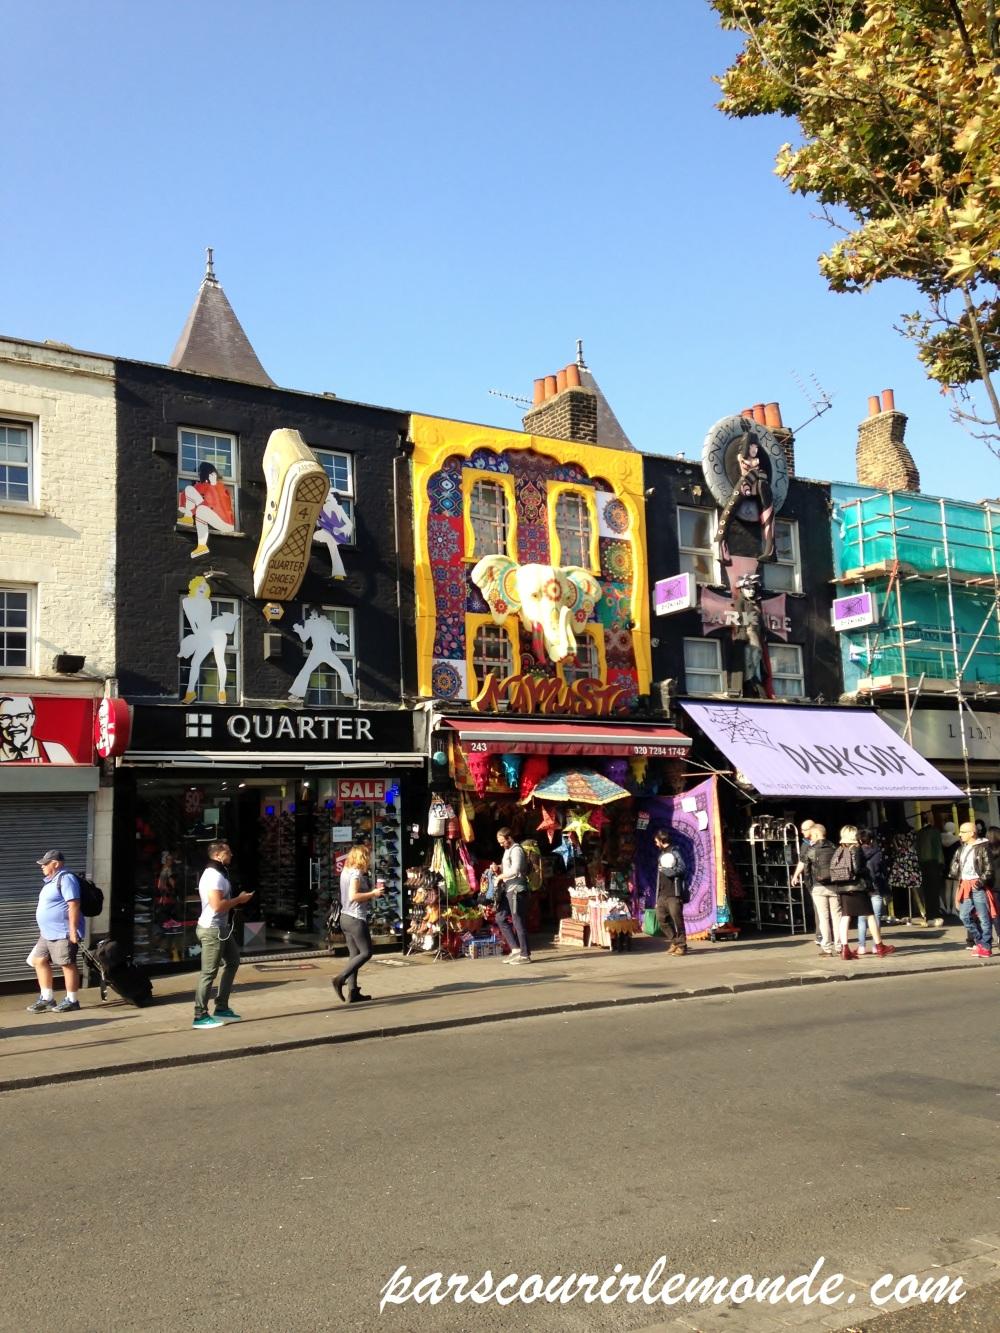 rencontres à Camden Town Comment écrire un profil de rencontre humoristique